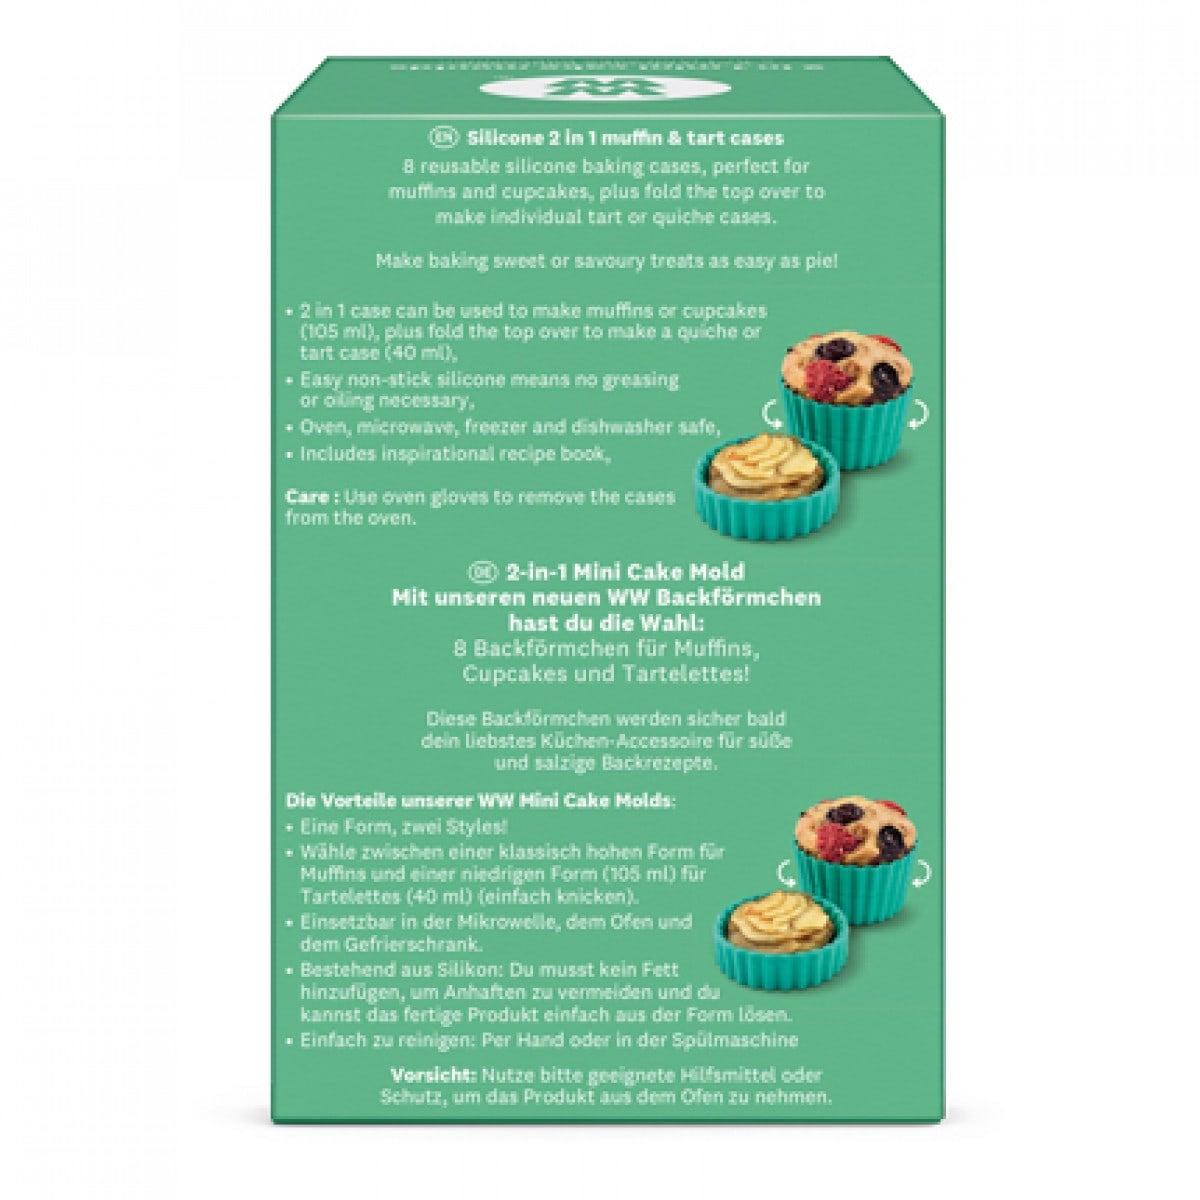 WW Muffinförmchen 2 in 1 aus Silikon in blauer und grüner, eckiger Verpackung mit Produktbild Hintenansicht 2